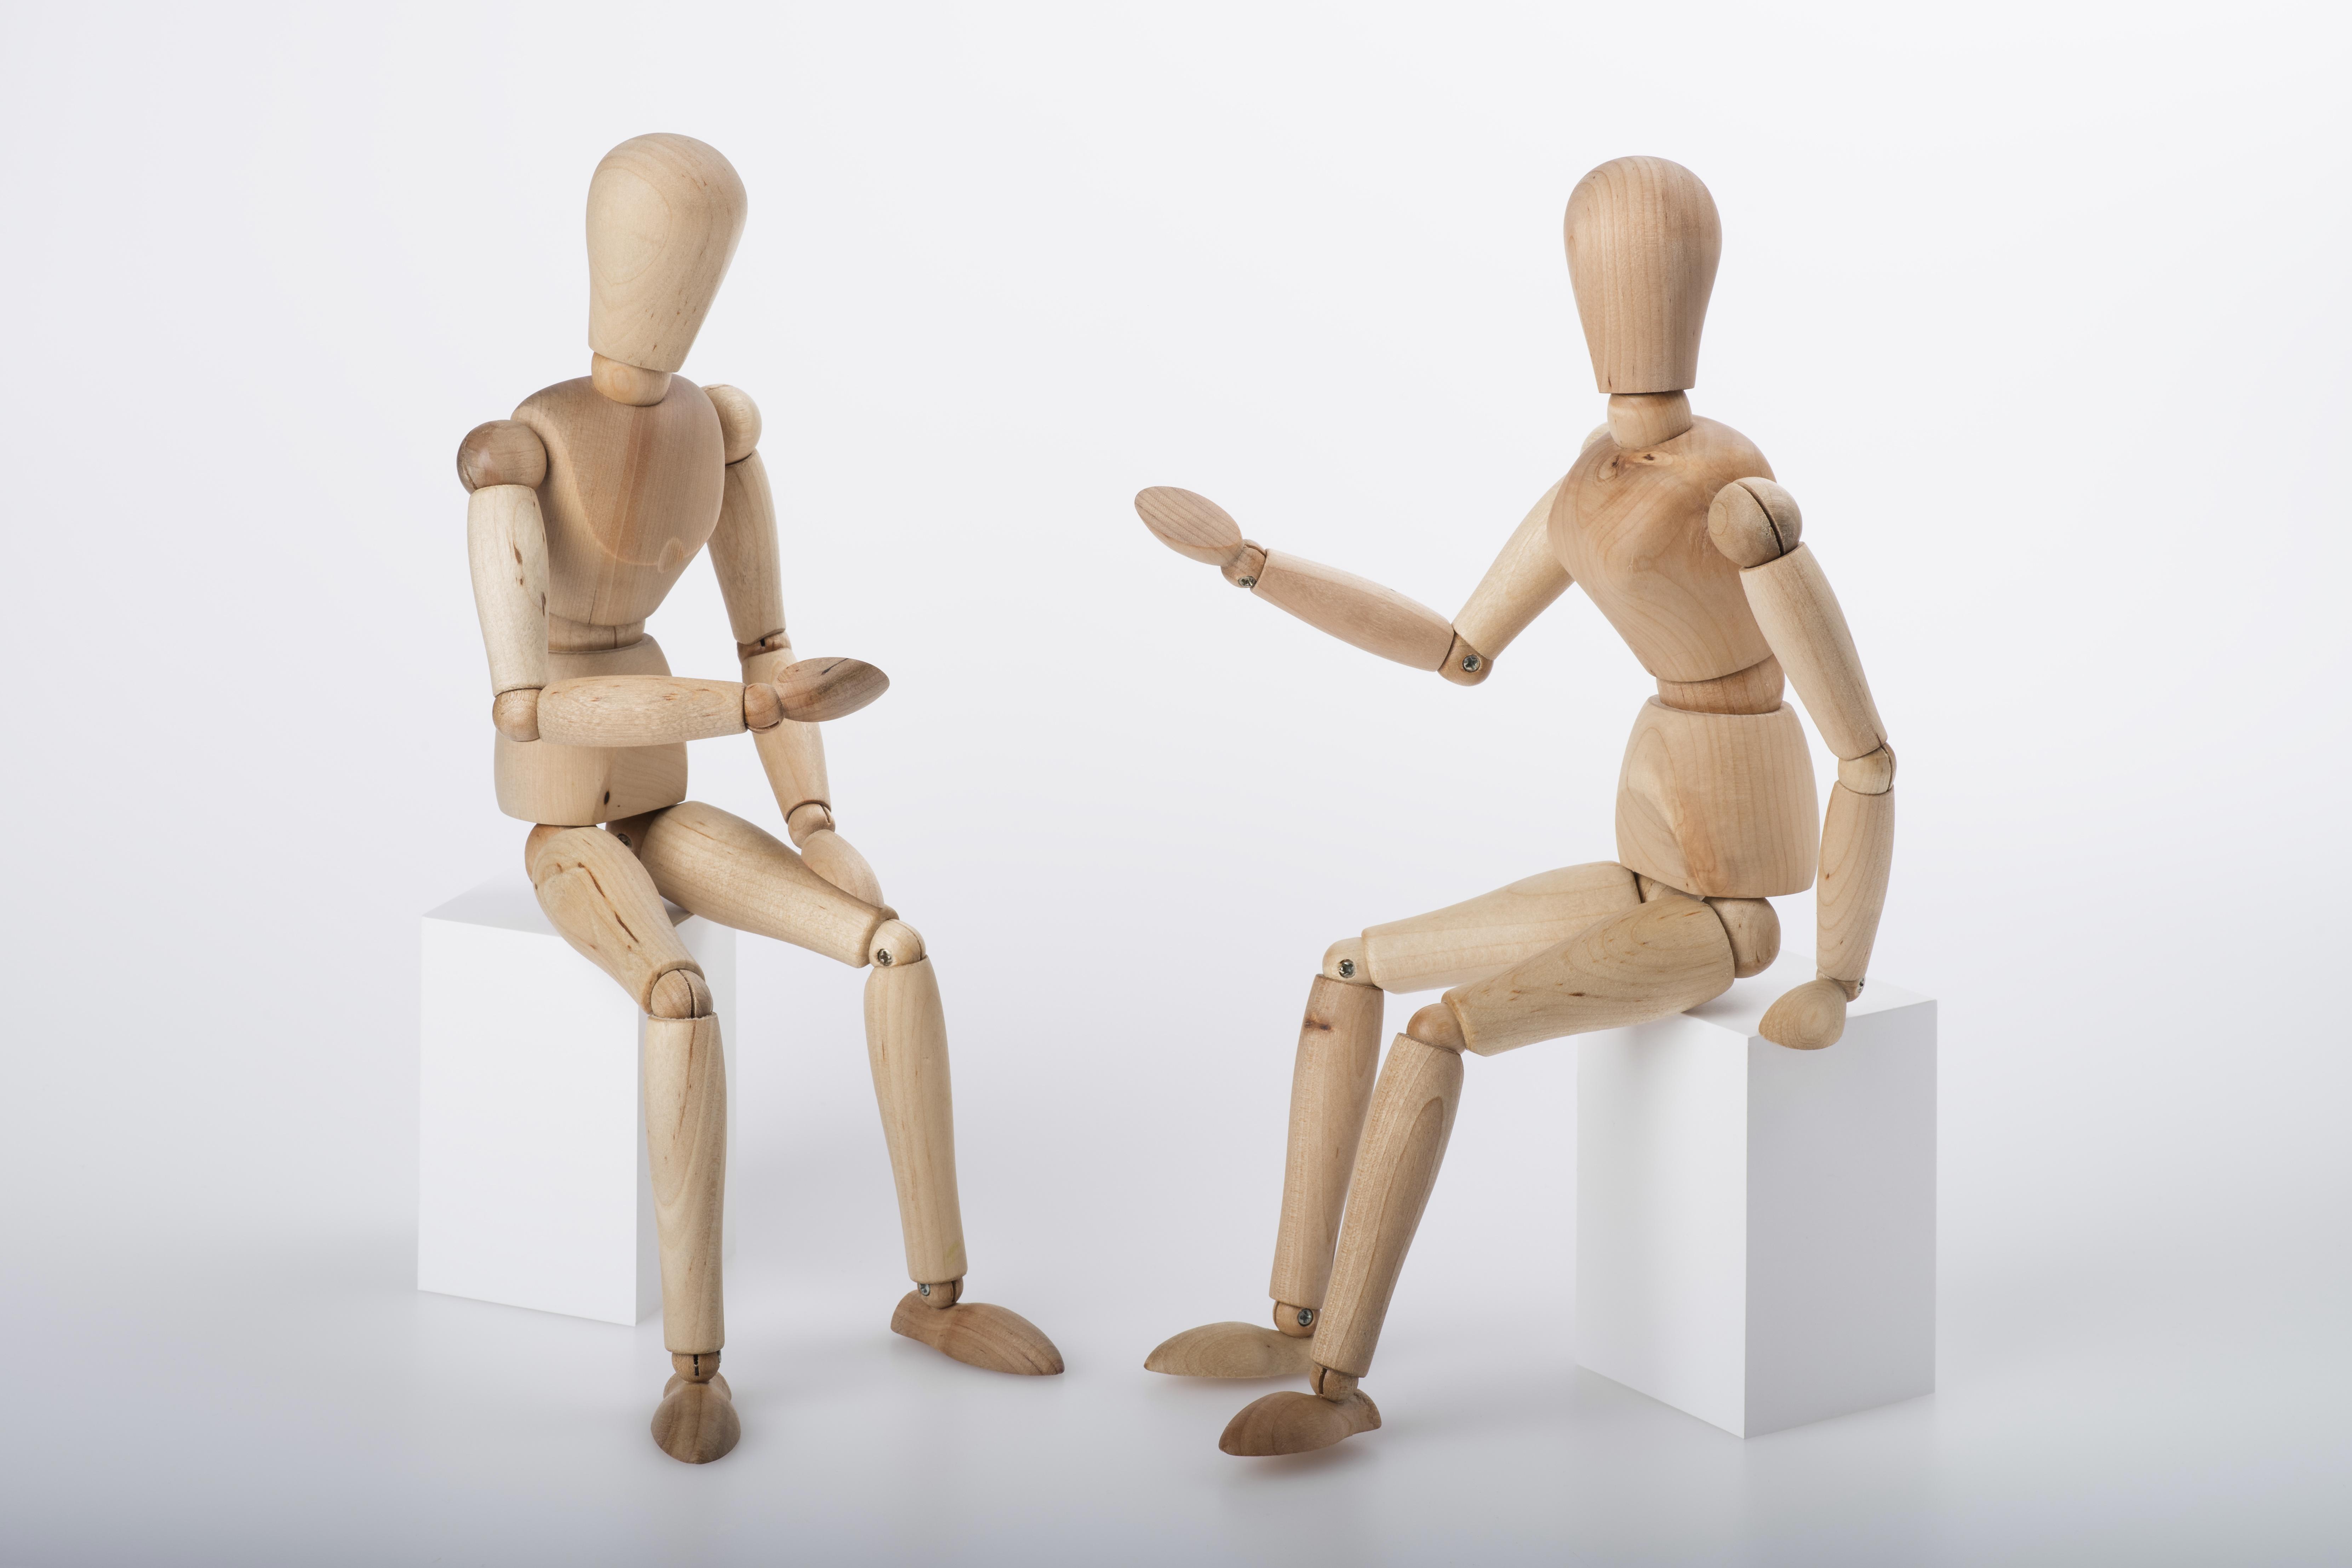 Zwei Figuren aus Naturholz mit verstellbaren Gliedern sitzen sich in einer diskutierenden Haltung gegenüber